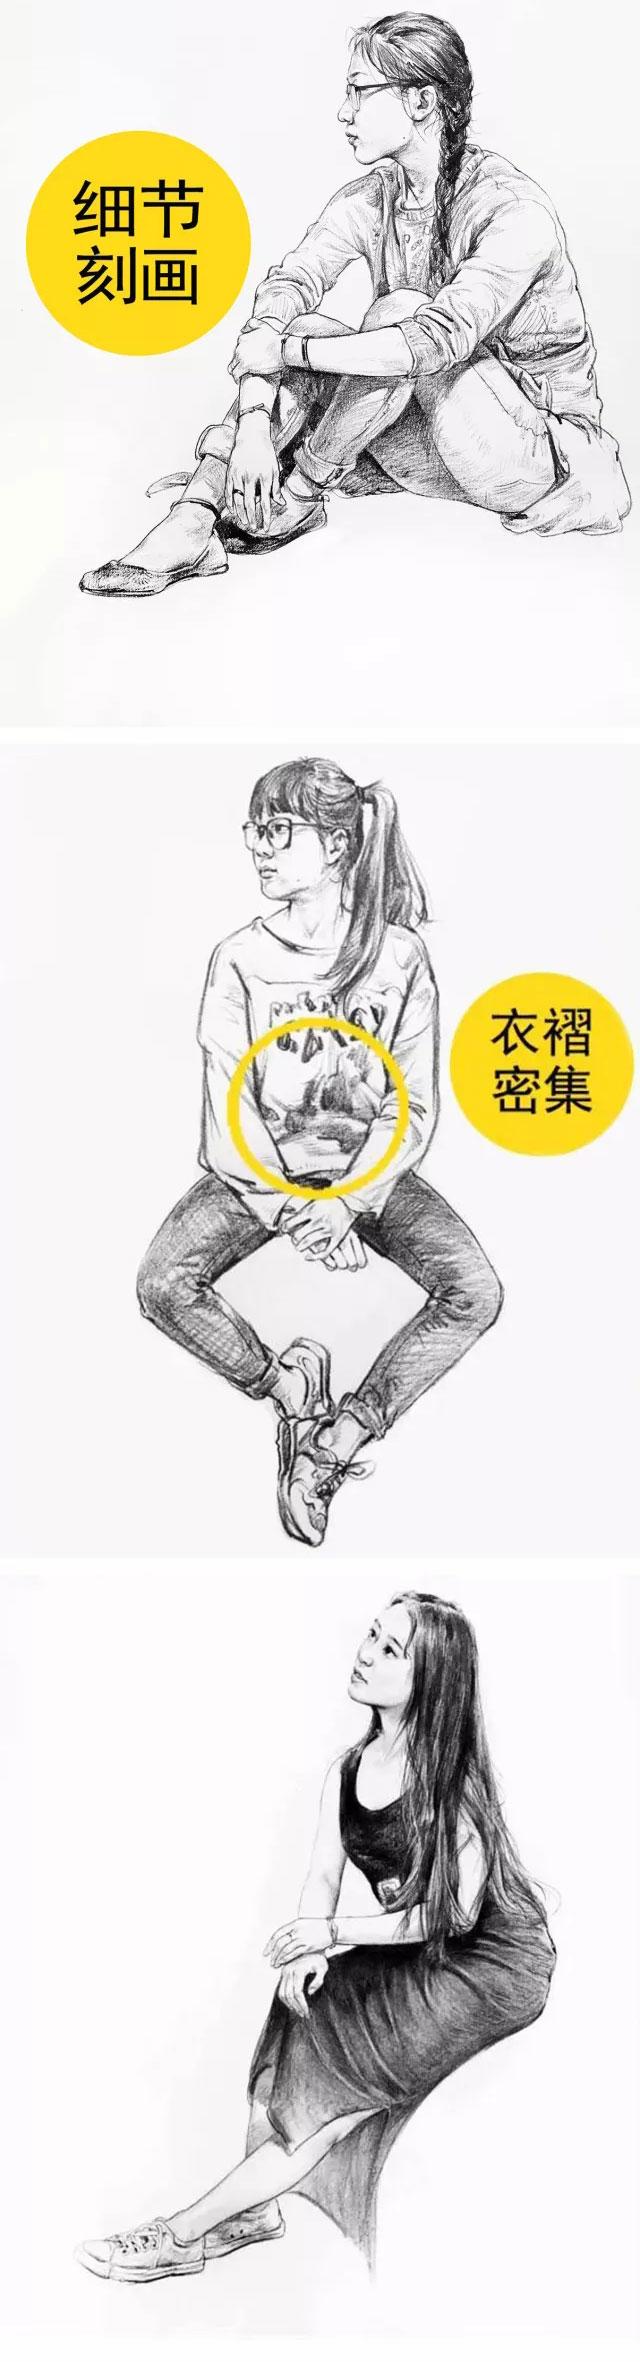 人物速写:怎样画好蹲姿坐姿_05.jpg